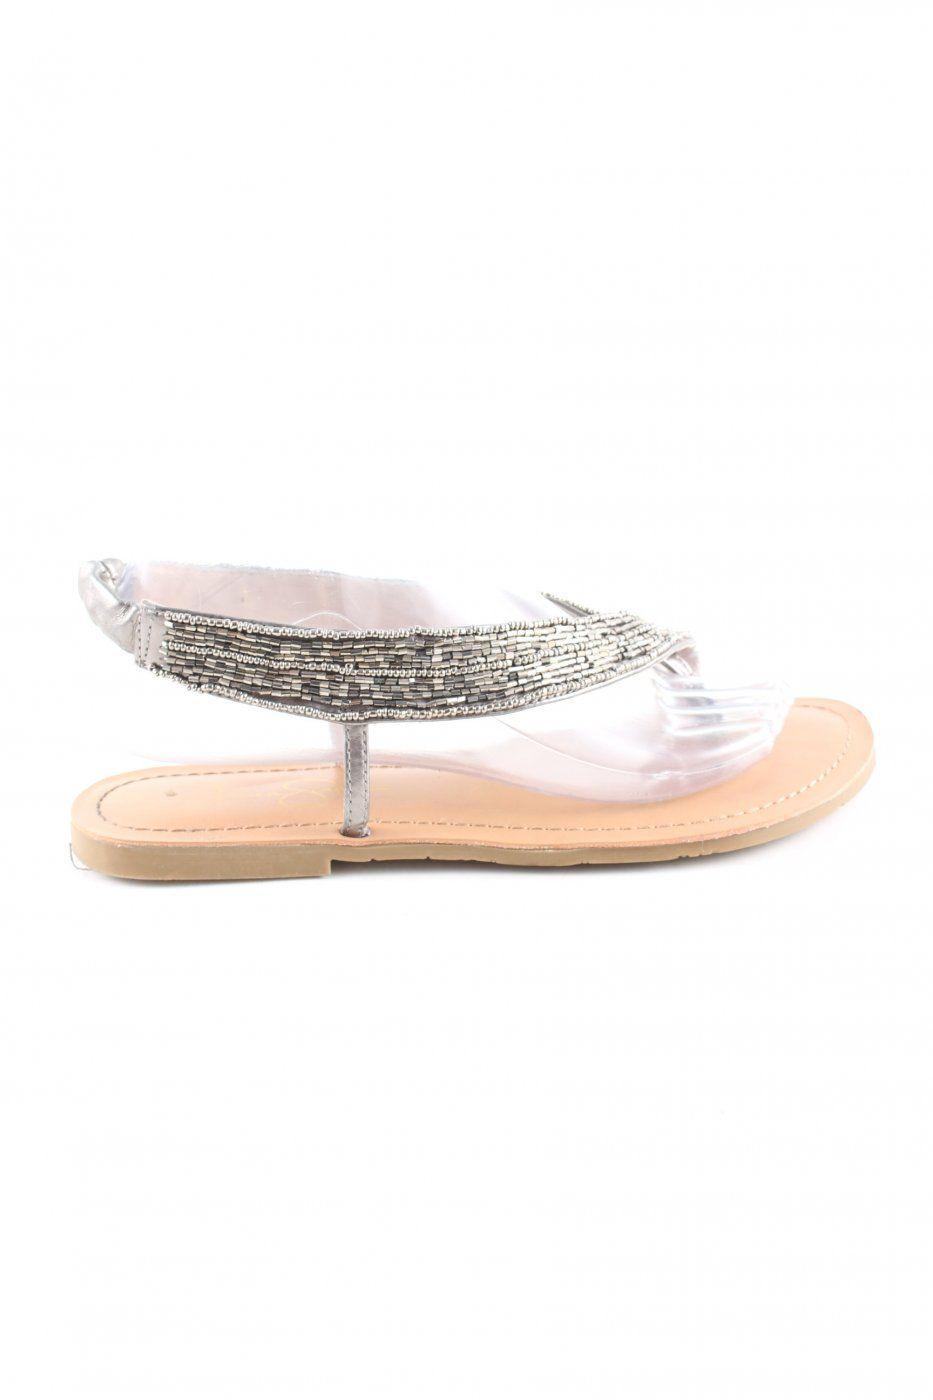 Jessica Simpson Riemchen-Sandalen silberfarben-nude Casual-Look   Mädchenflohmarkt